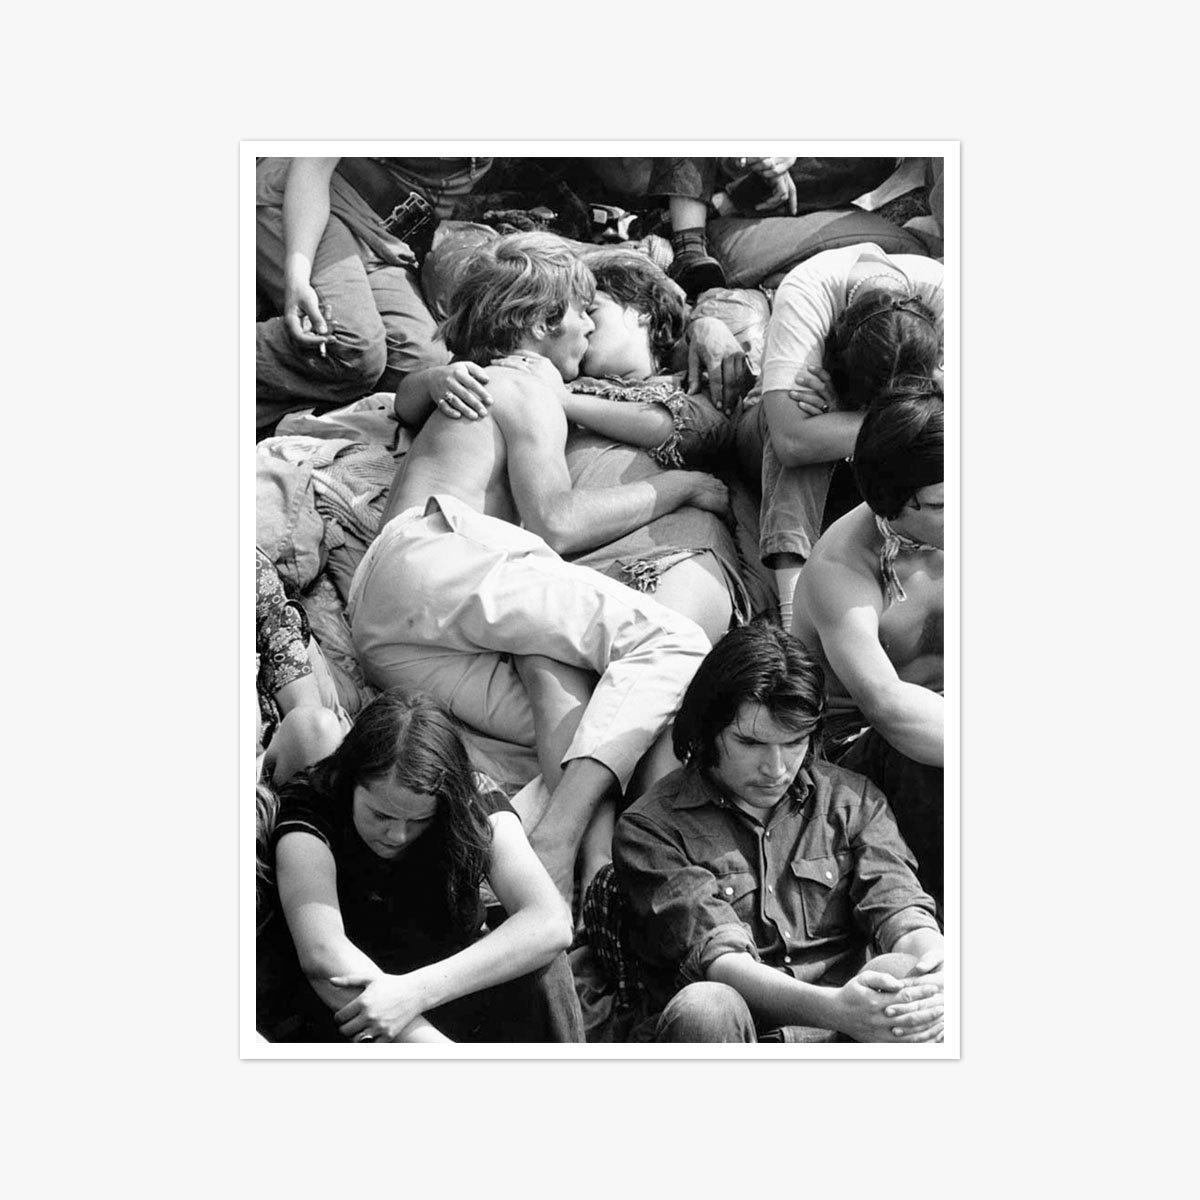 Crowd Kiss by Bill Lovelace